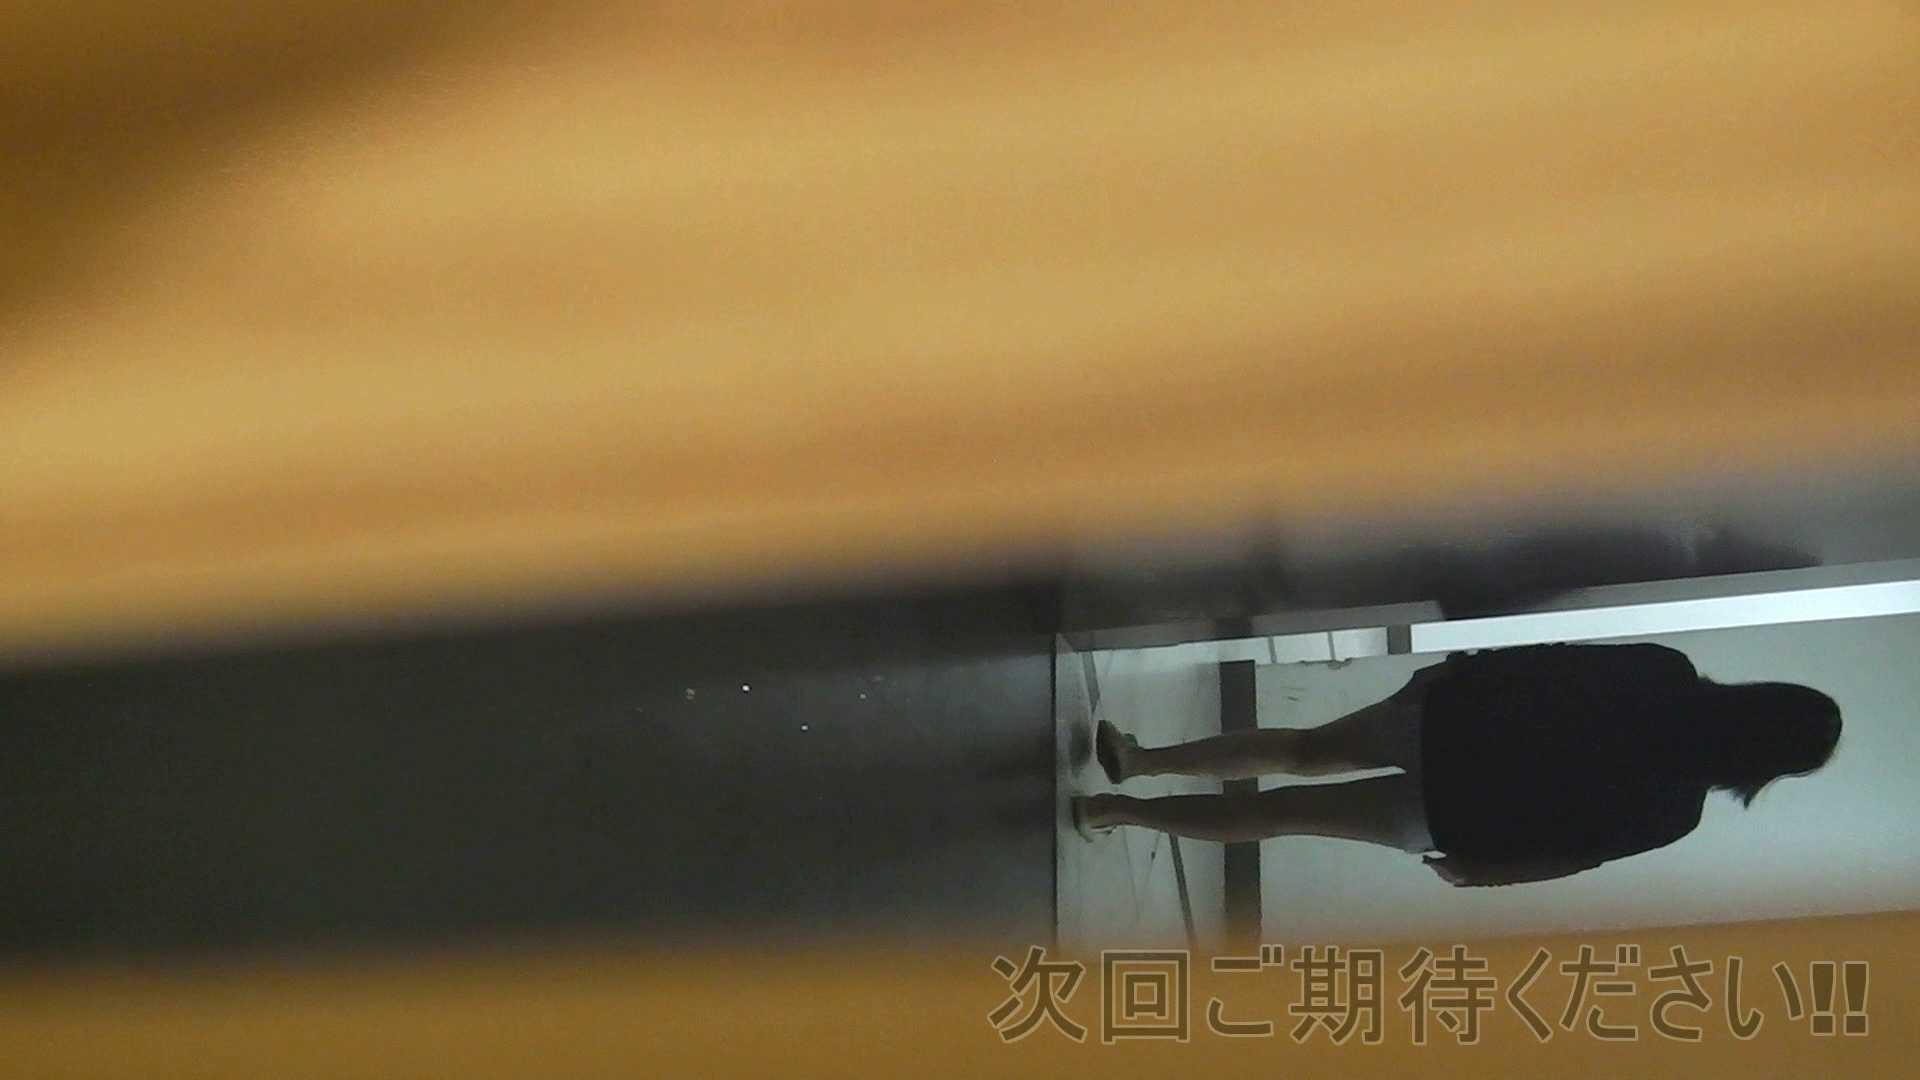 阿国ちゃんの「和式洋式七変化」No.6 和式で・・・ セックス画像 70画像 17